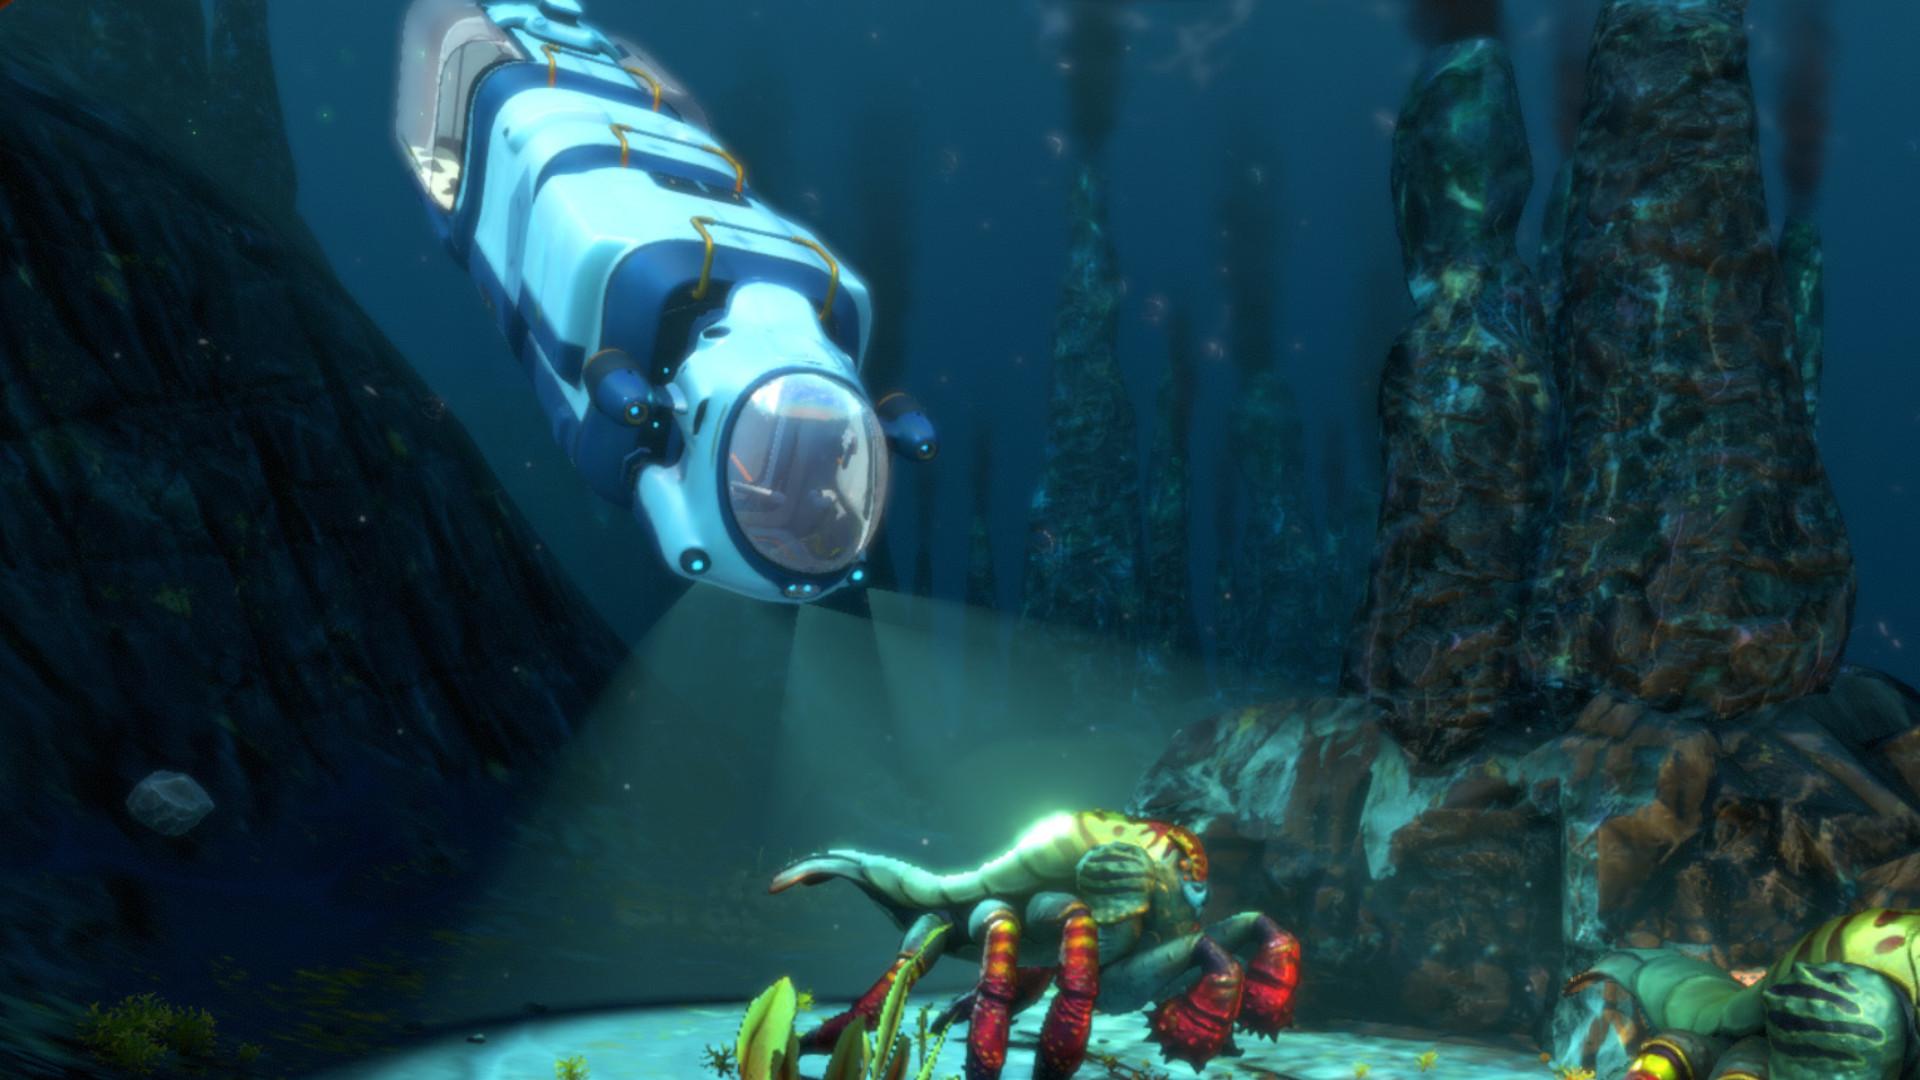 Subnautica: Below Zero release date set for May